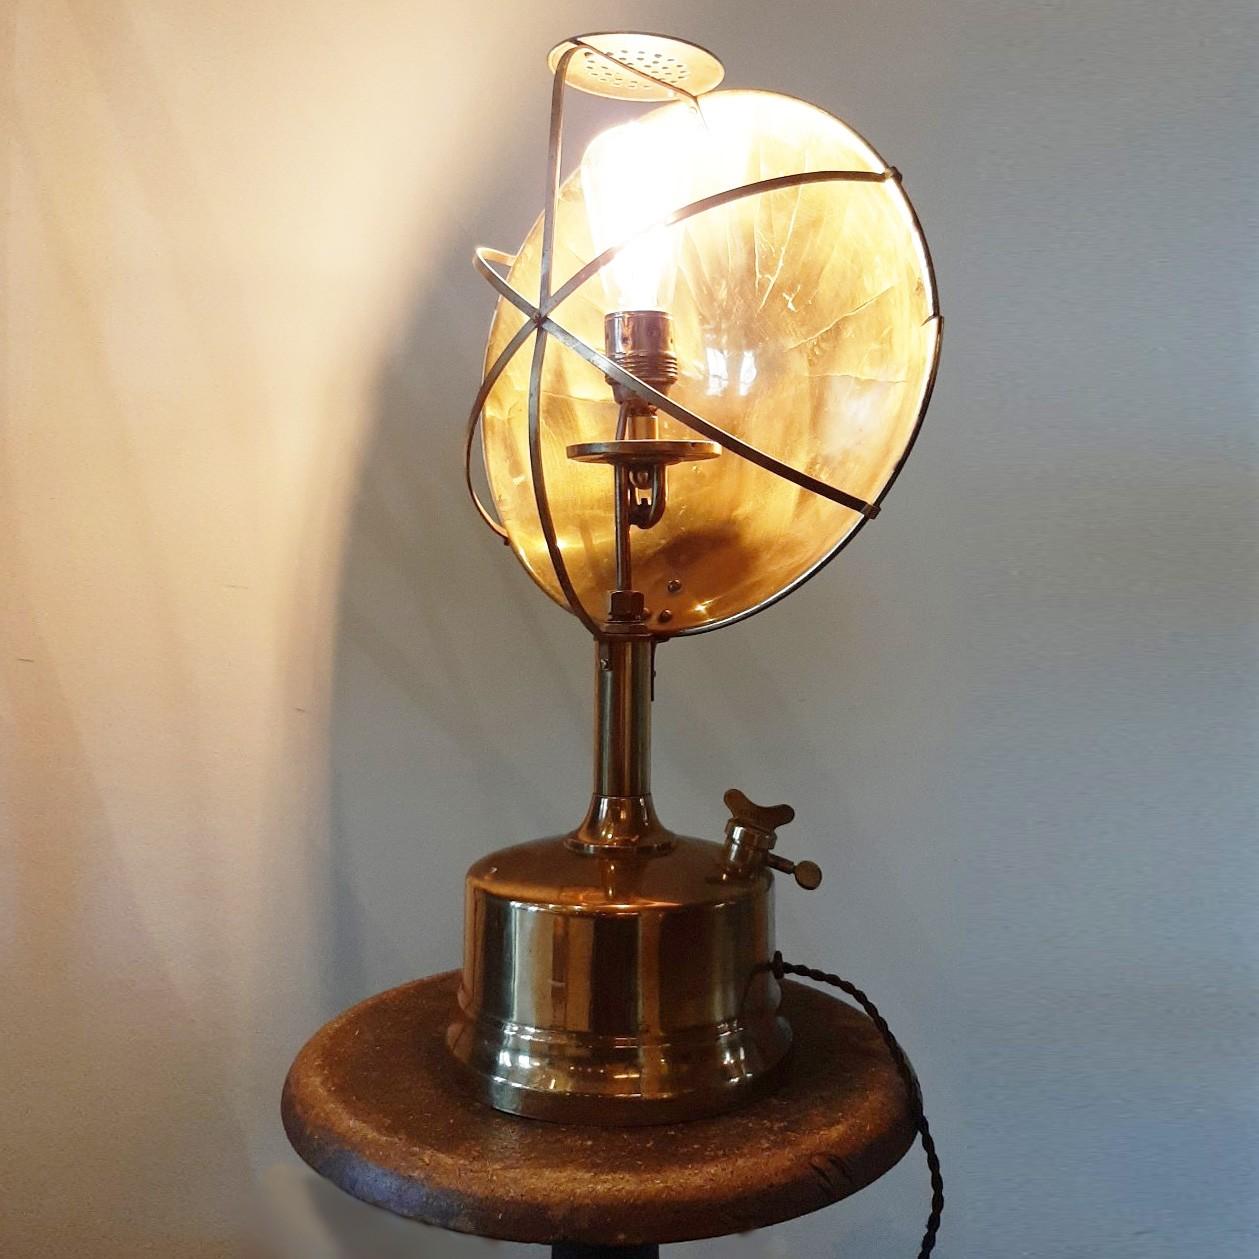 Industriële tafellamp gemaakt van oude materialen